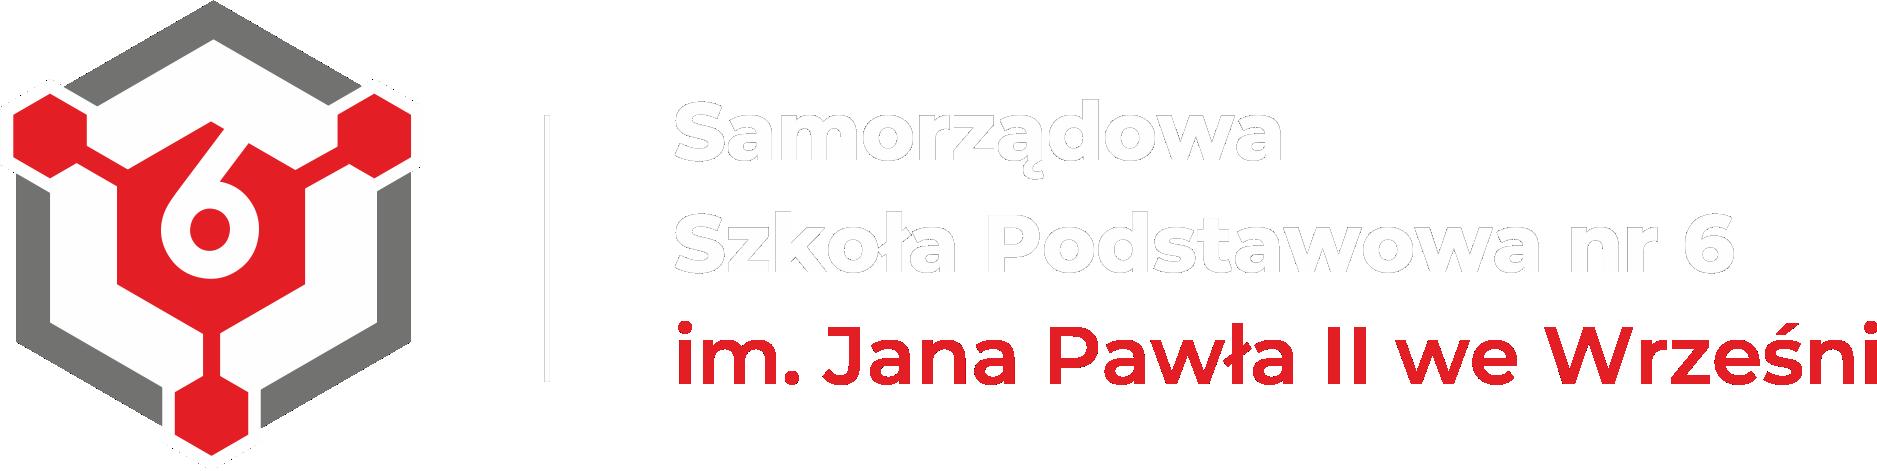 Samorządowa Szkoła Podstawowa nr 6 im. Jana Pawła II we Wrześni